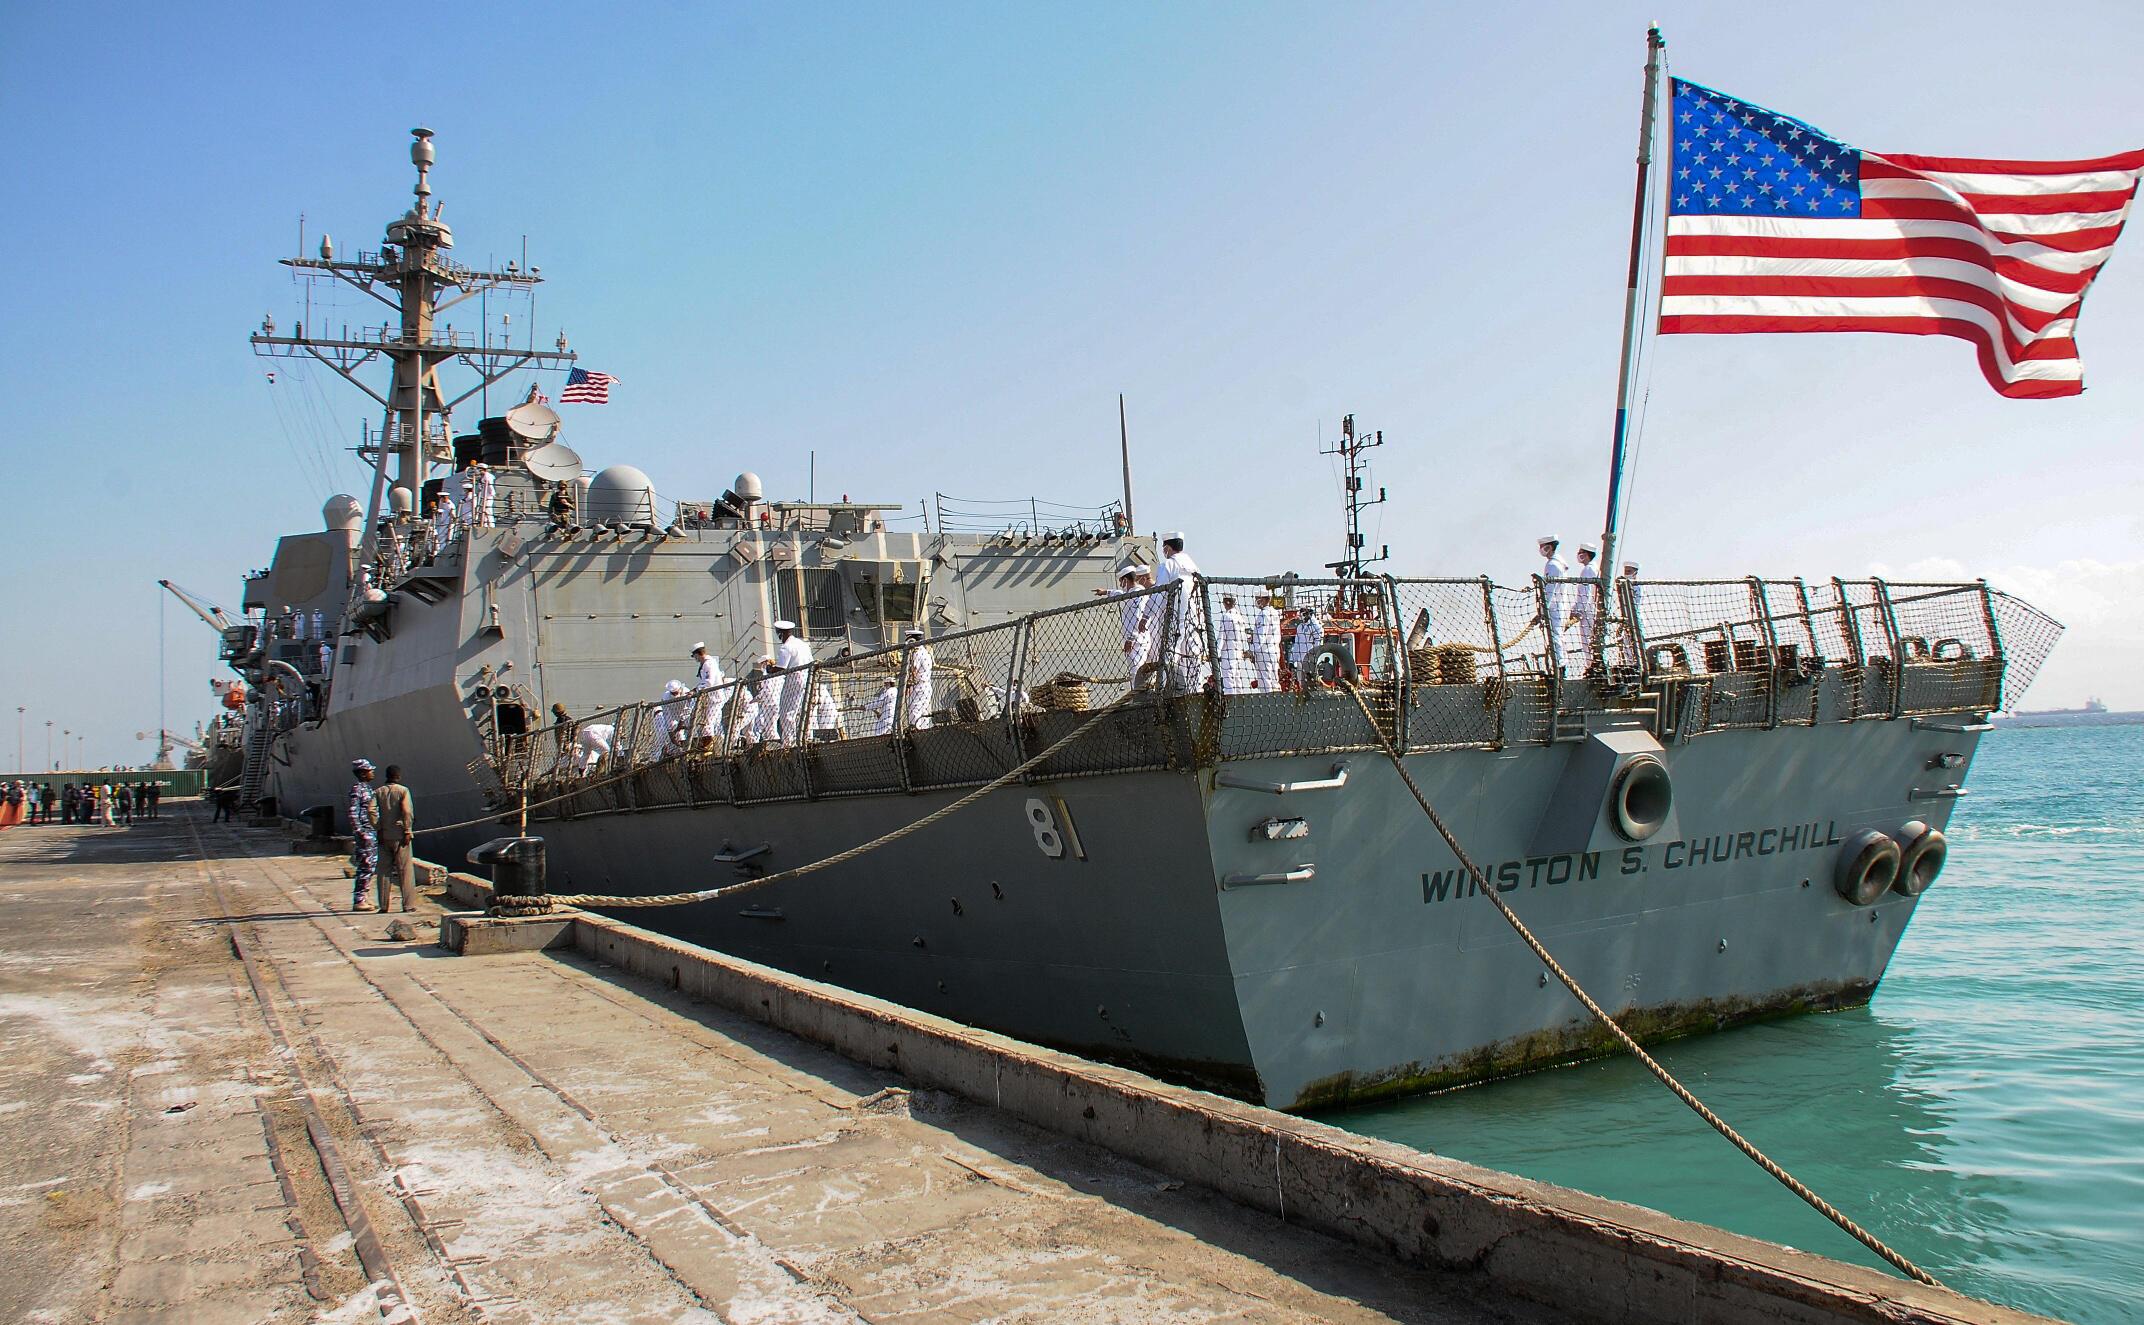 """البارجة الأمريكية """"يو إس إس وينستون تشرشل"""" في ميناء بورت سودان"""